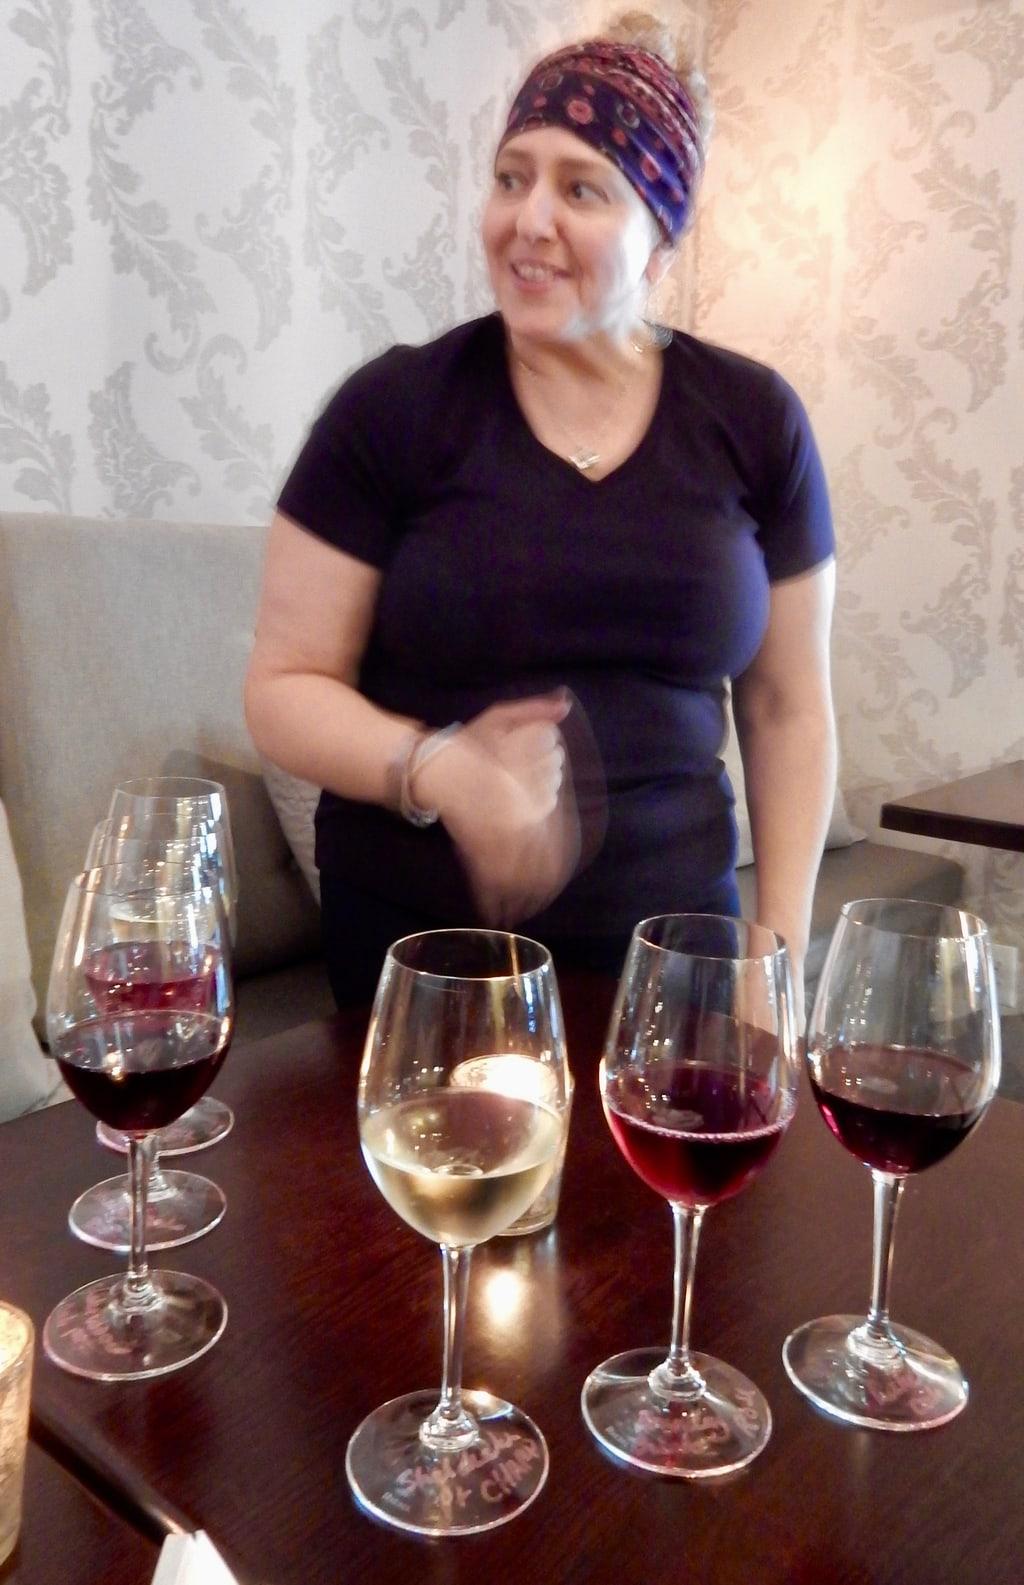 Via Girasole Wine Bar Pittsford NY